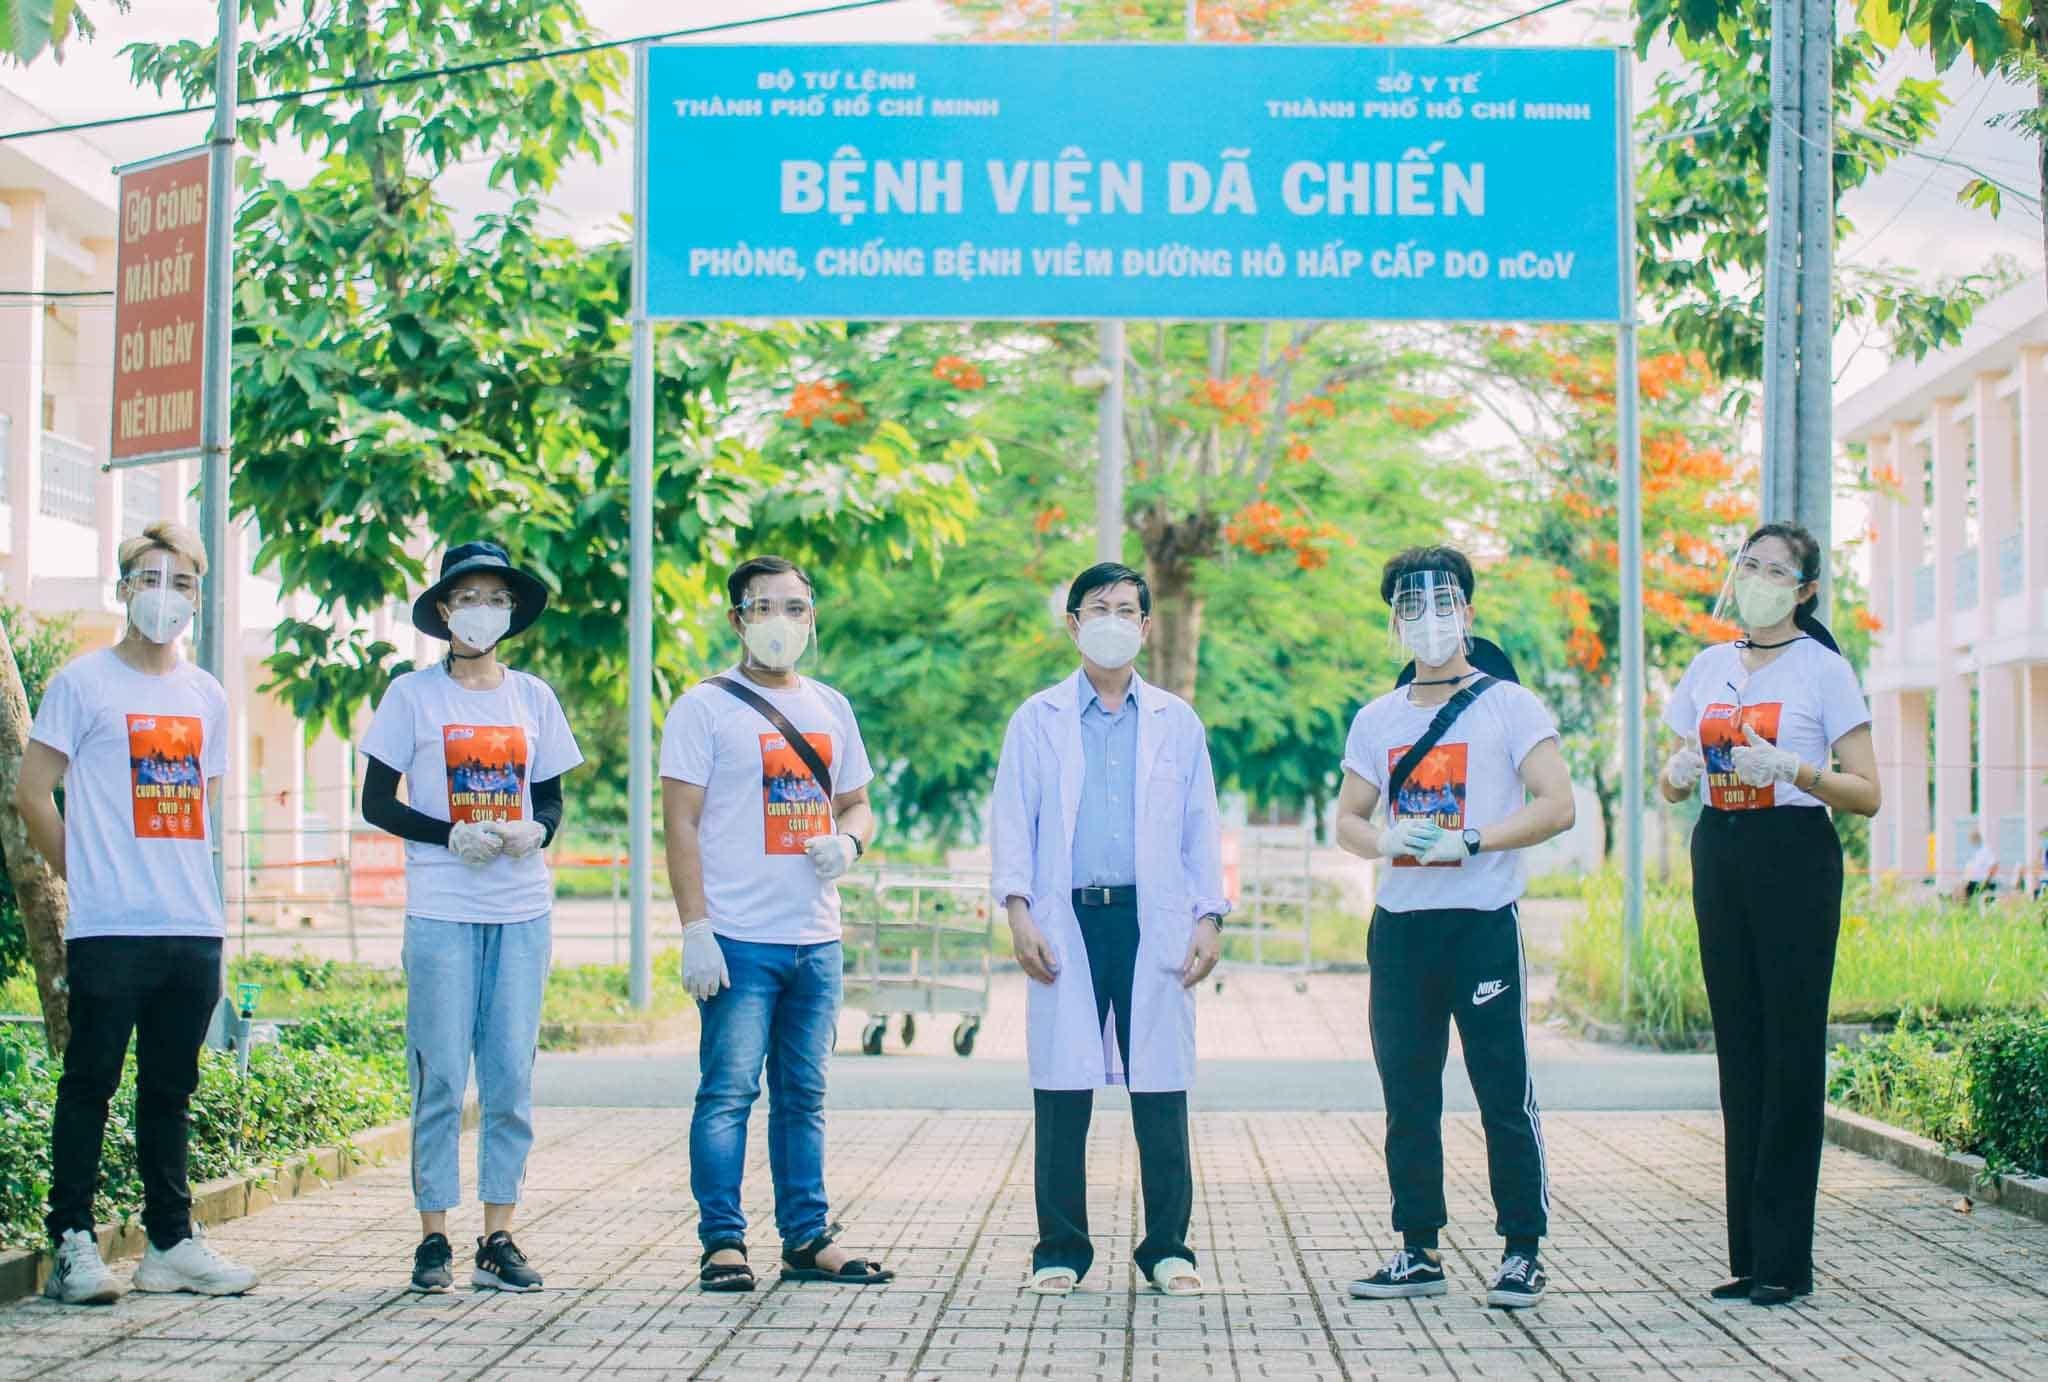 MC Quỳnh Hoa: 'Chồng đứng hình khi biết tôi dám vào tâm dịch'